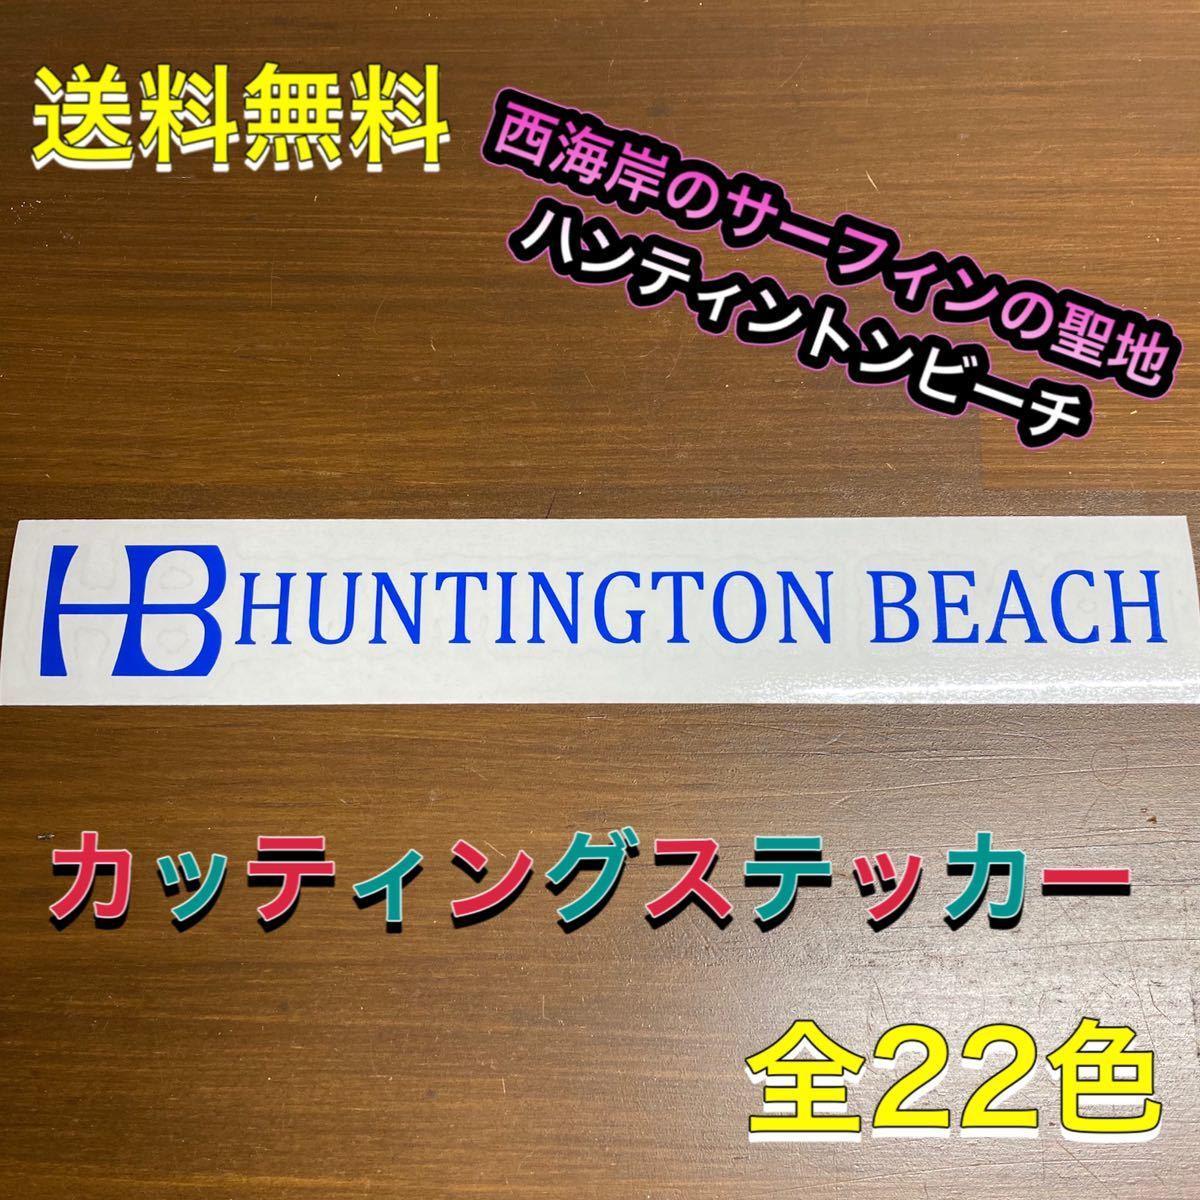 ハンティントンビーチ ステッカー 横長 サーフィン_画像1